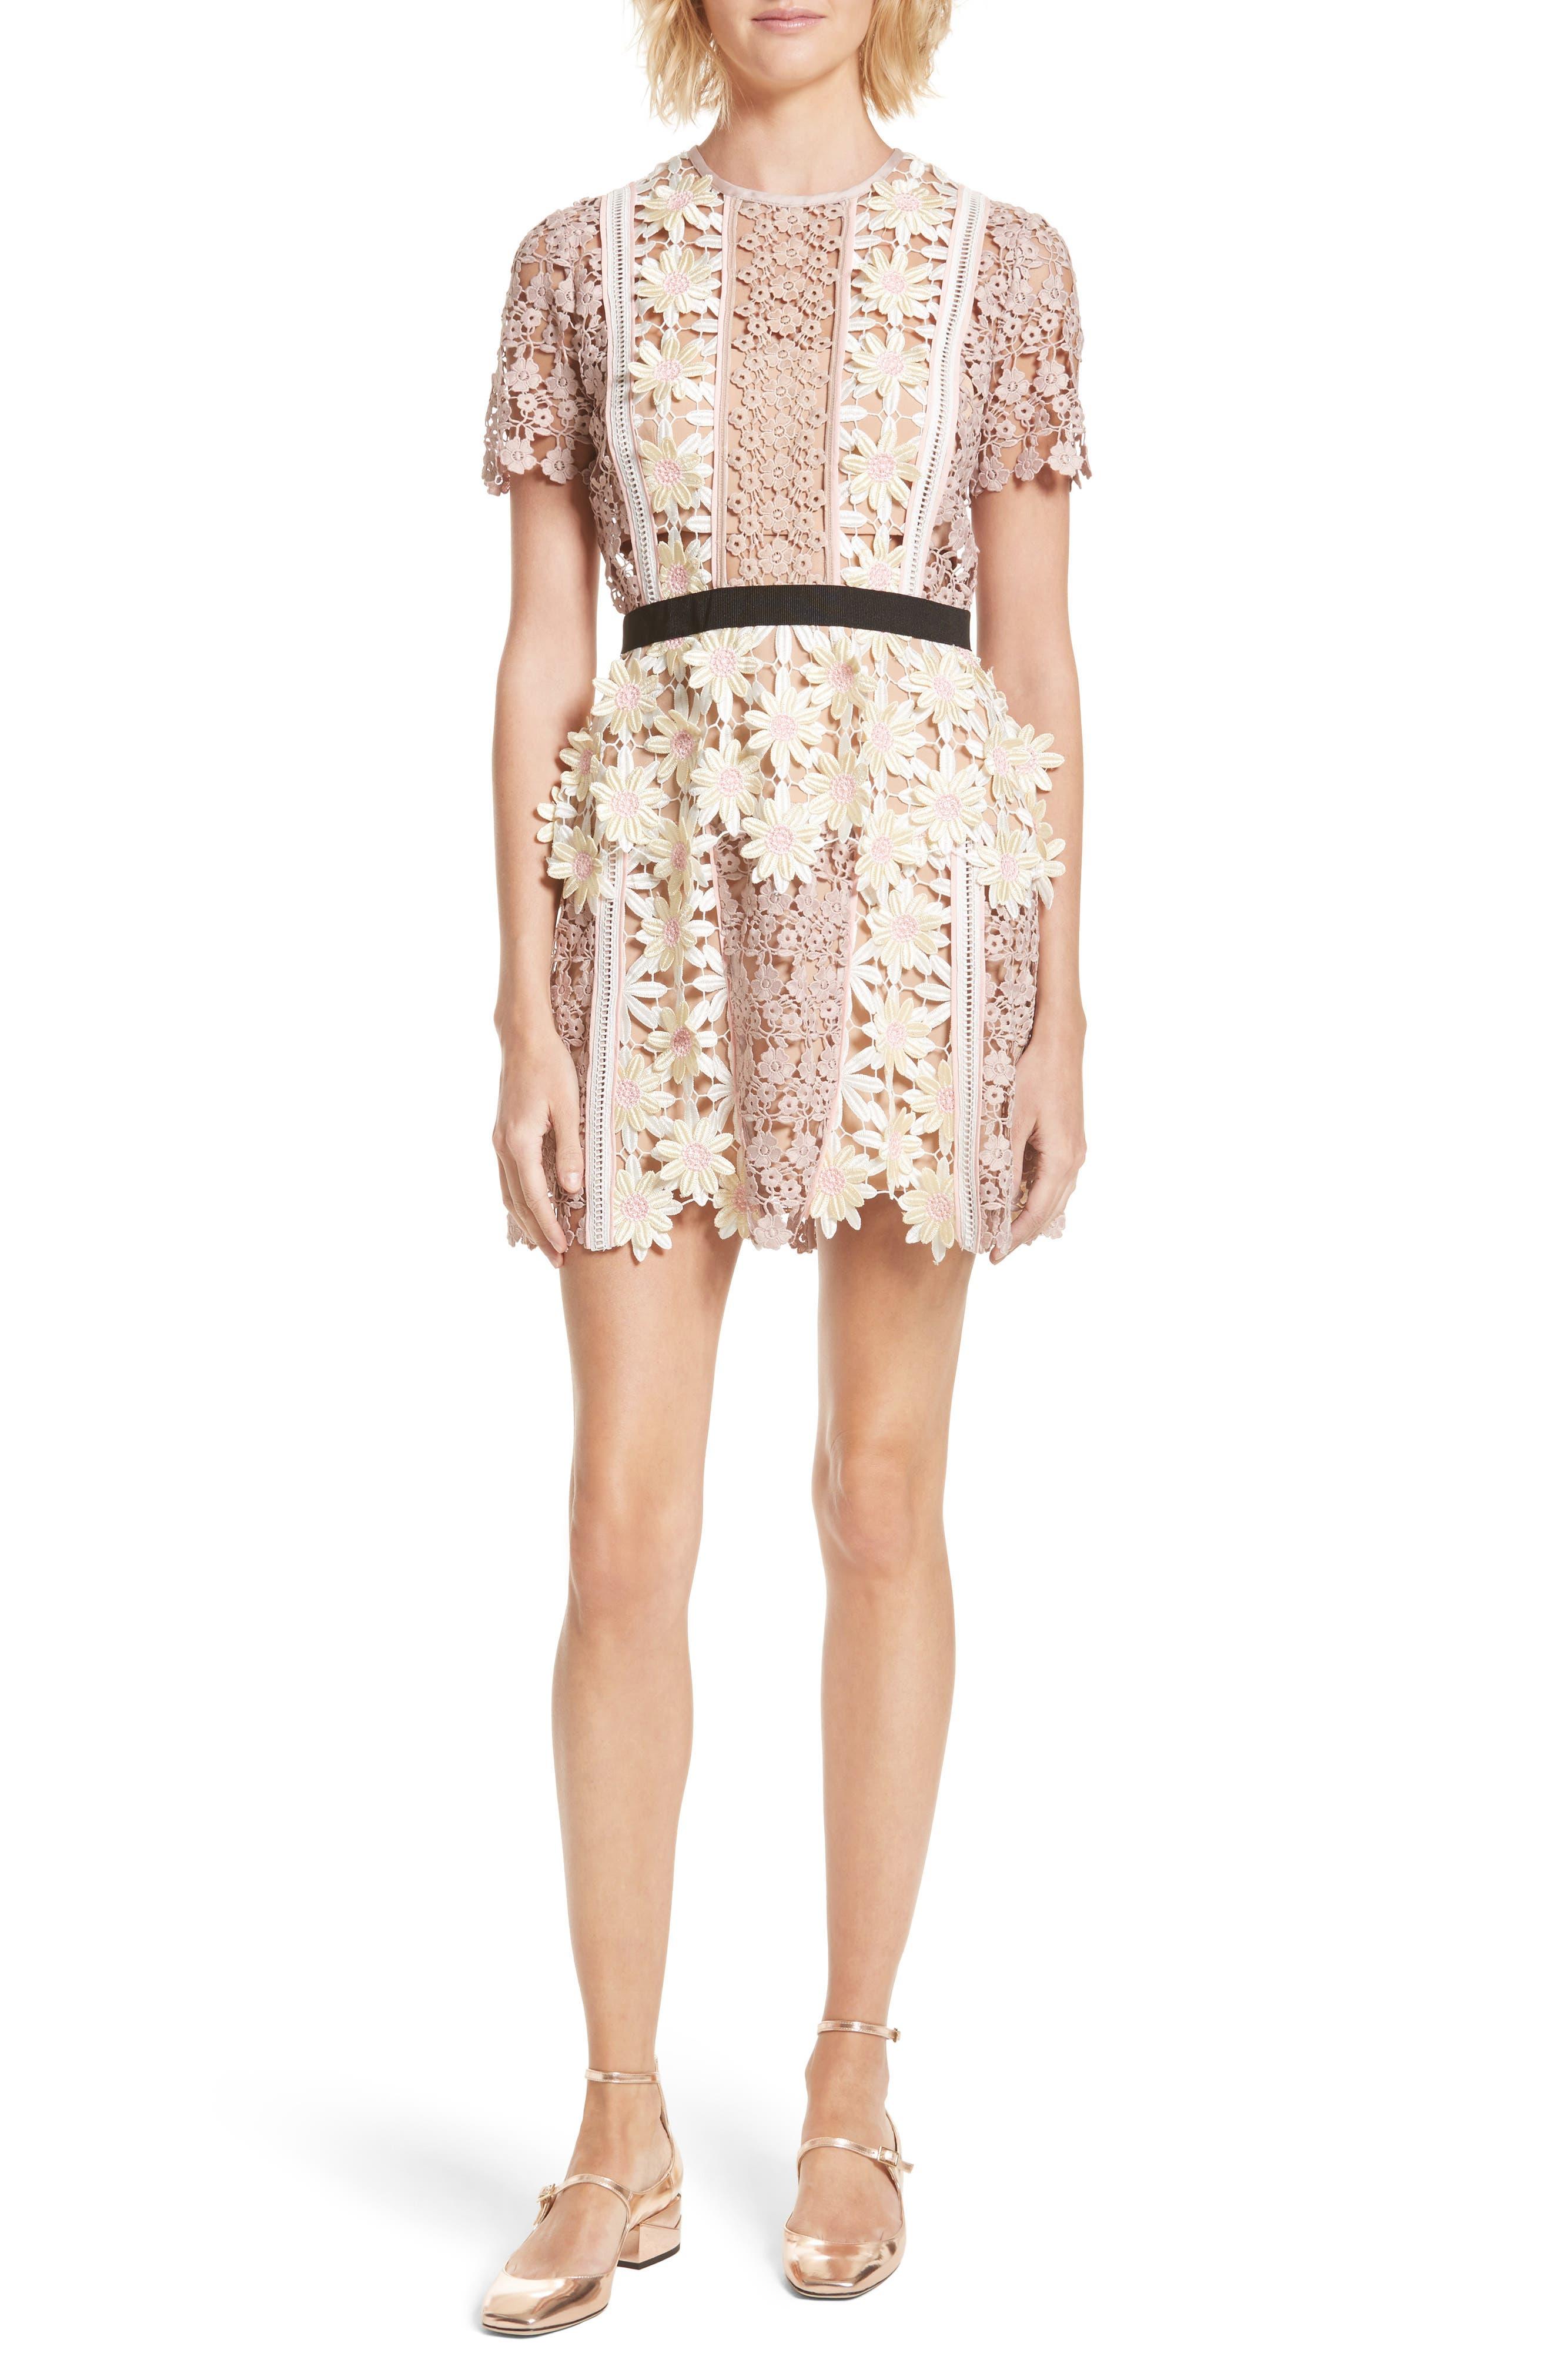 3D Floral Lace Peplum Dress,                             Main thumbnail 1, color,                             Multi